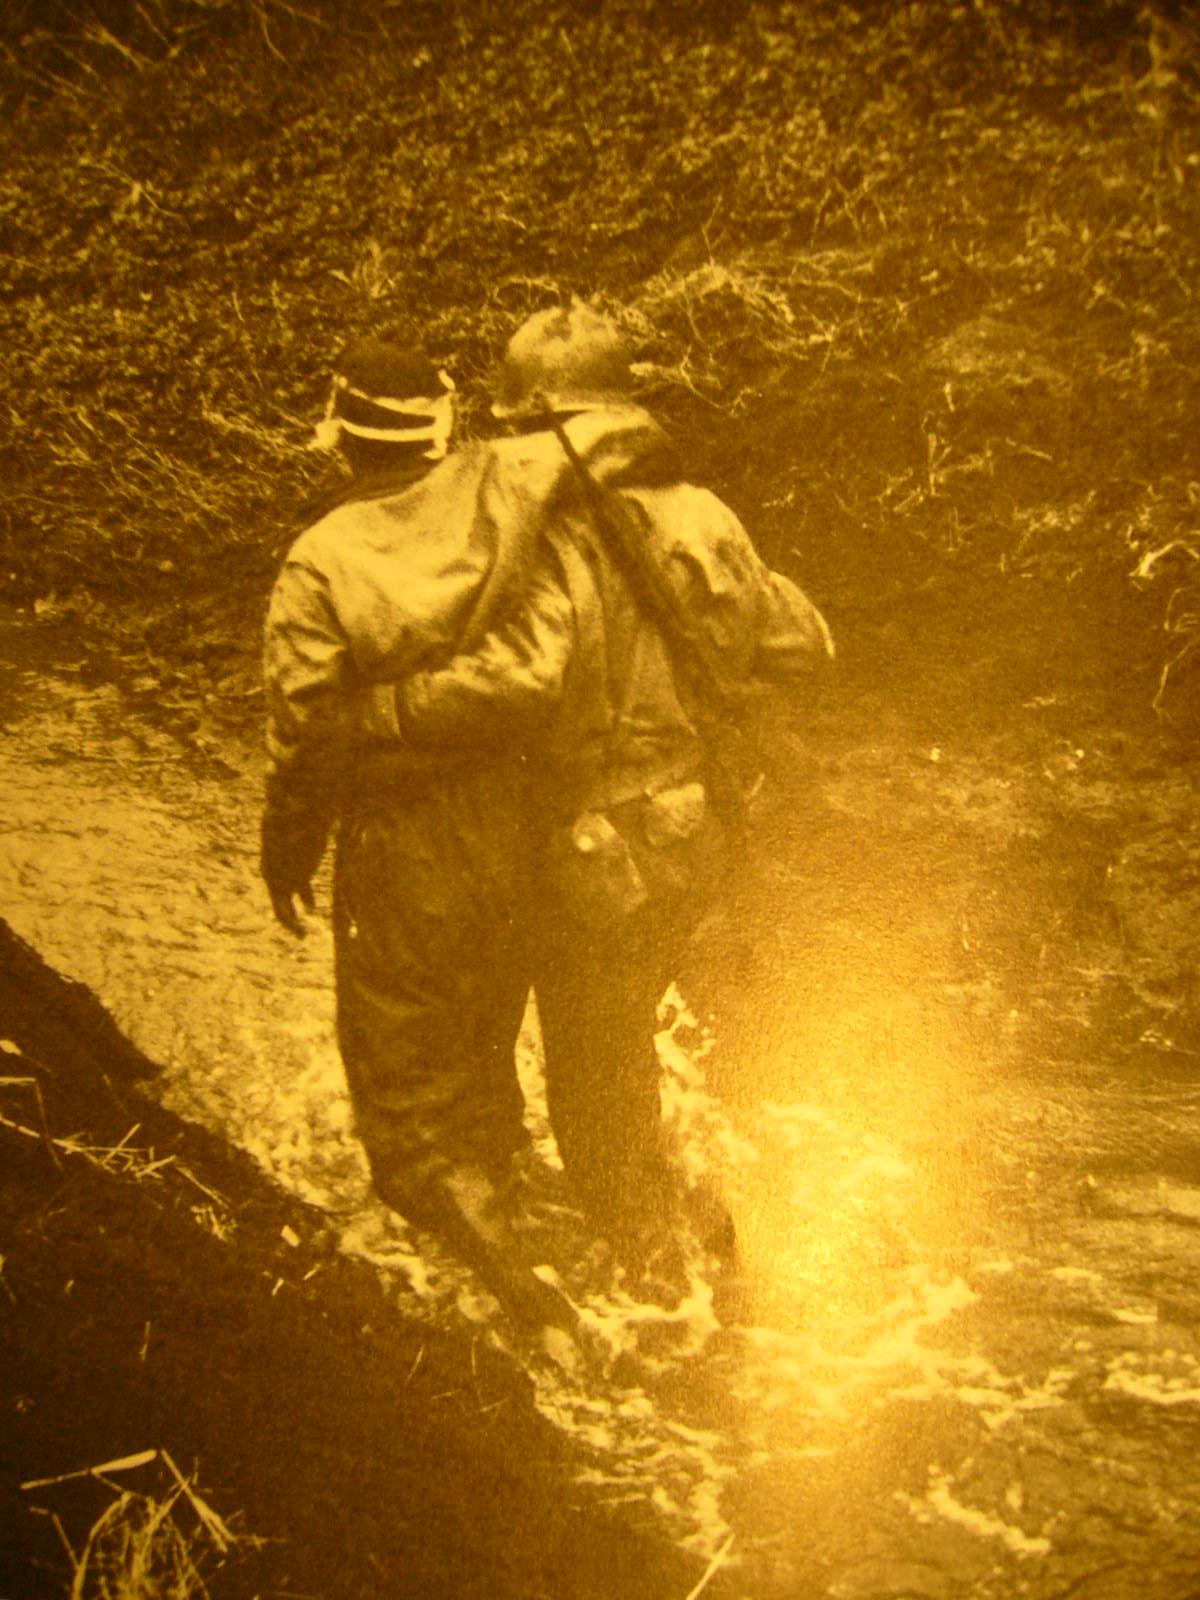 Fotografias increibles de la Segunda Guerra Mundial 4146147p1090926